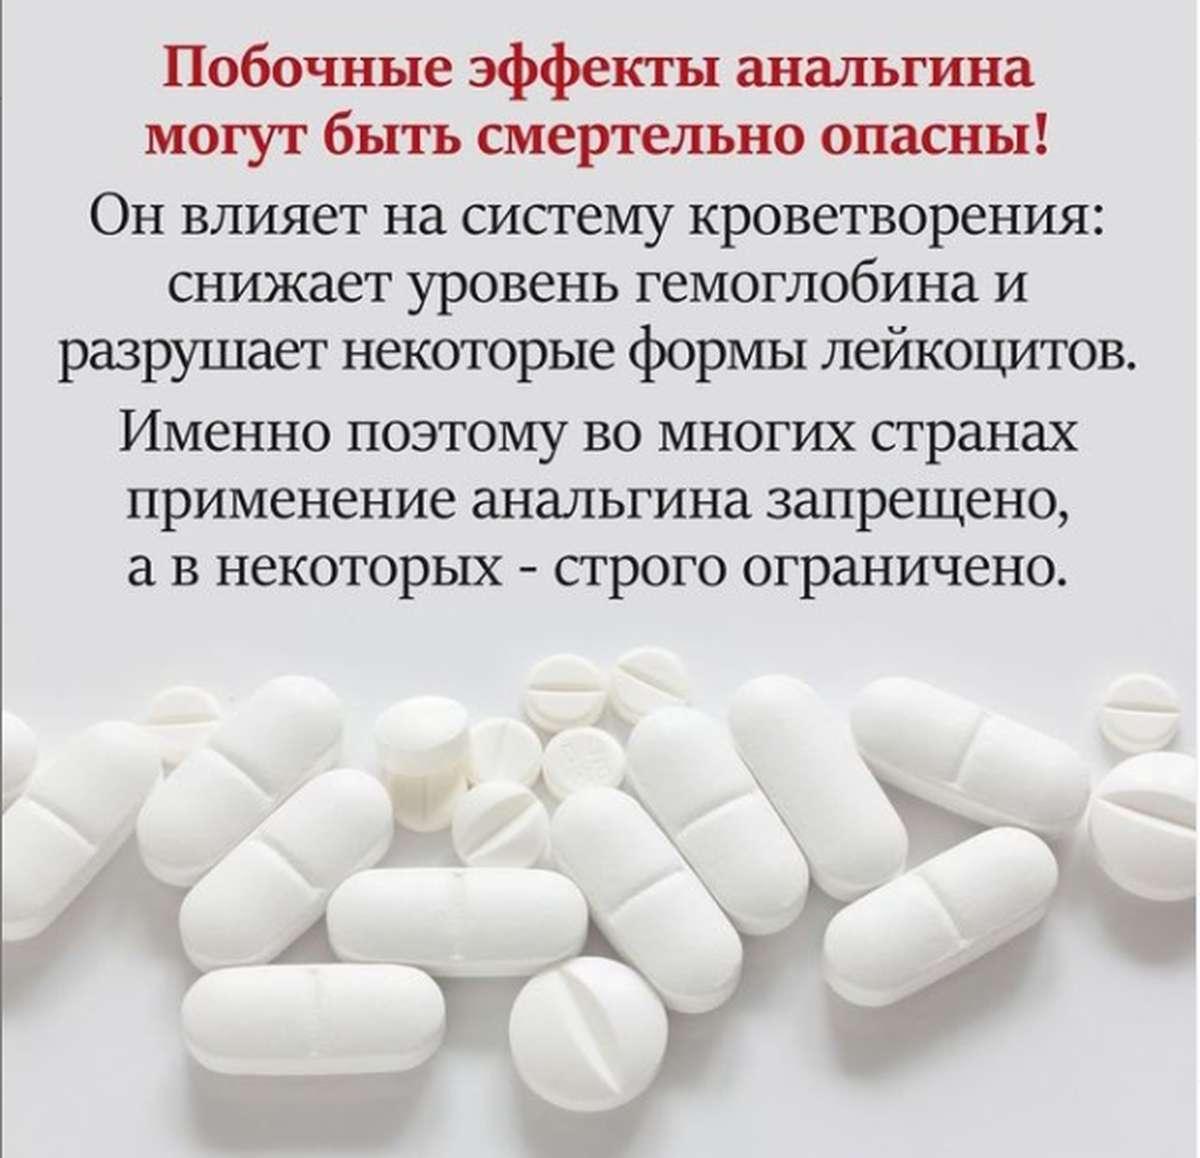 Доктор Комаровский рассказал о смертельной опасности анальгина - фото 1